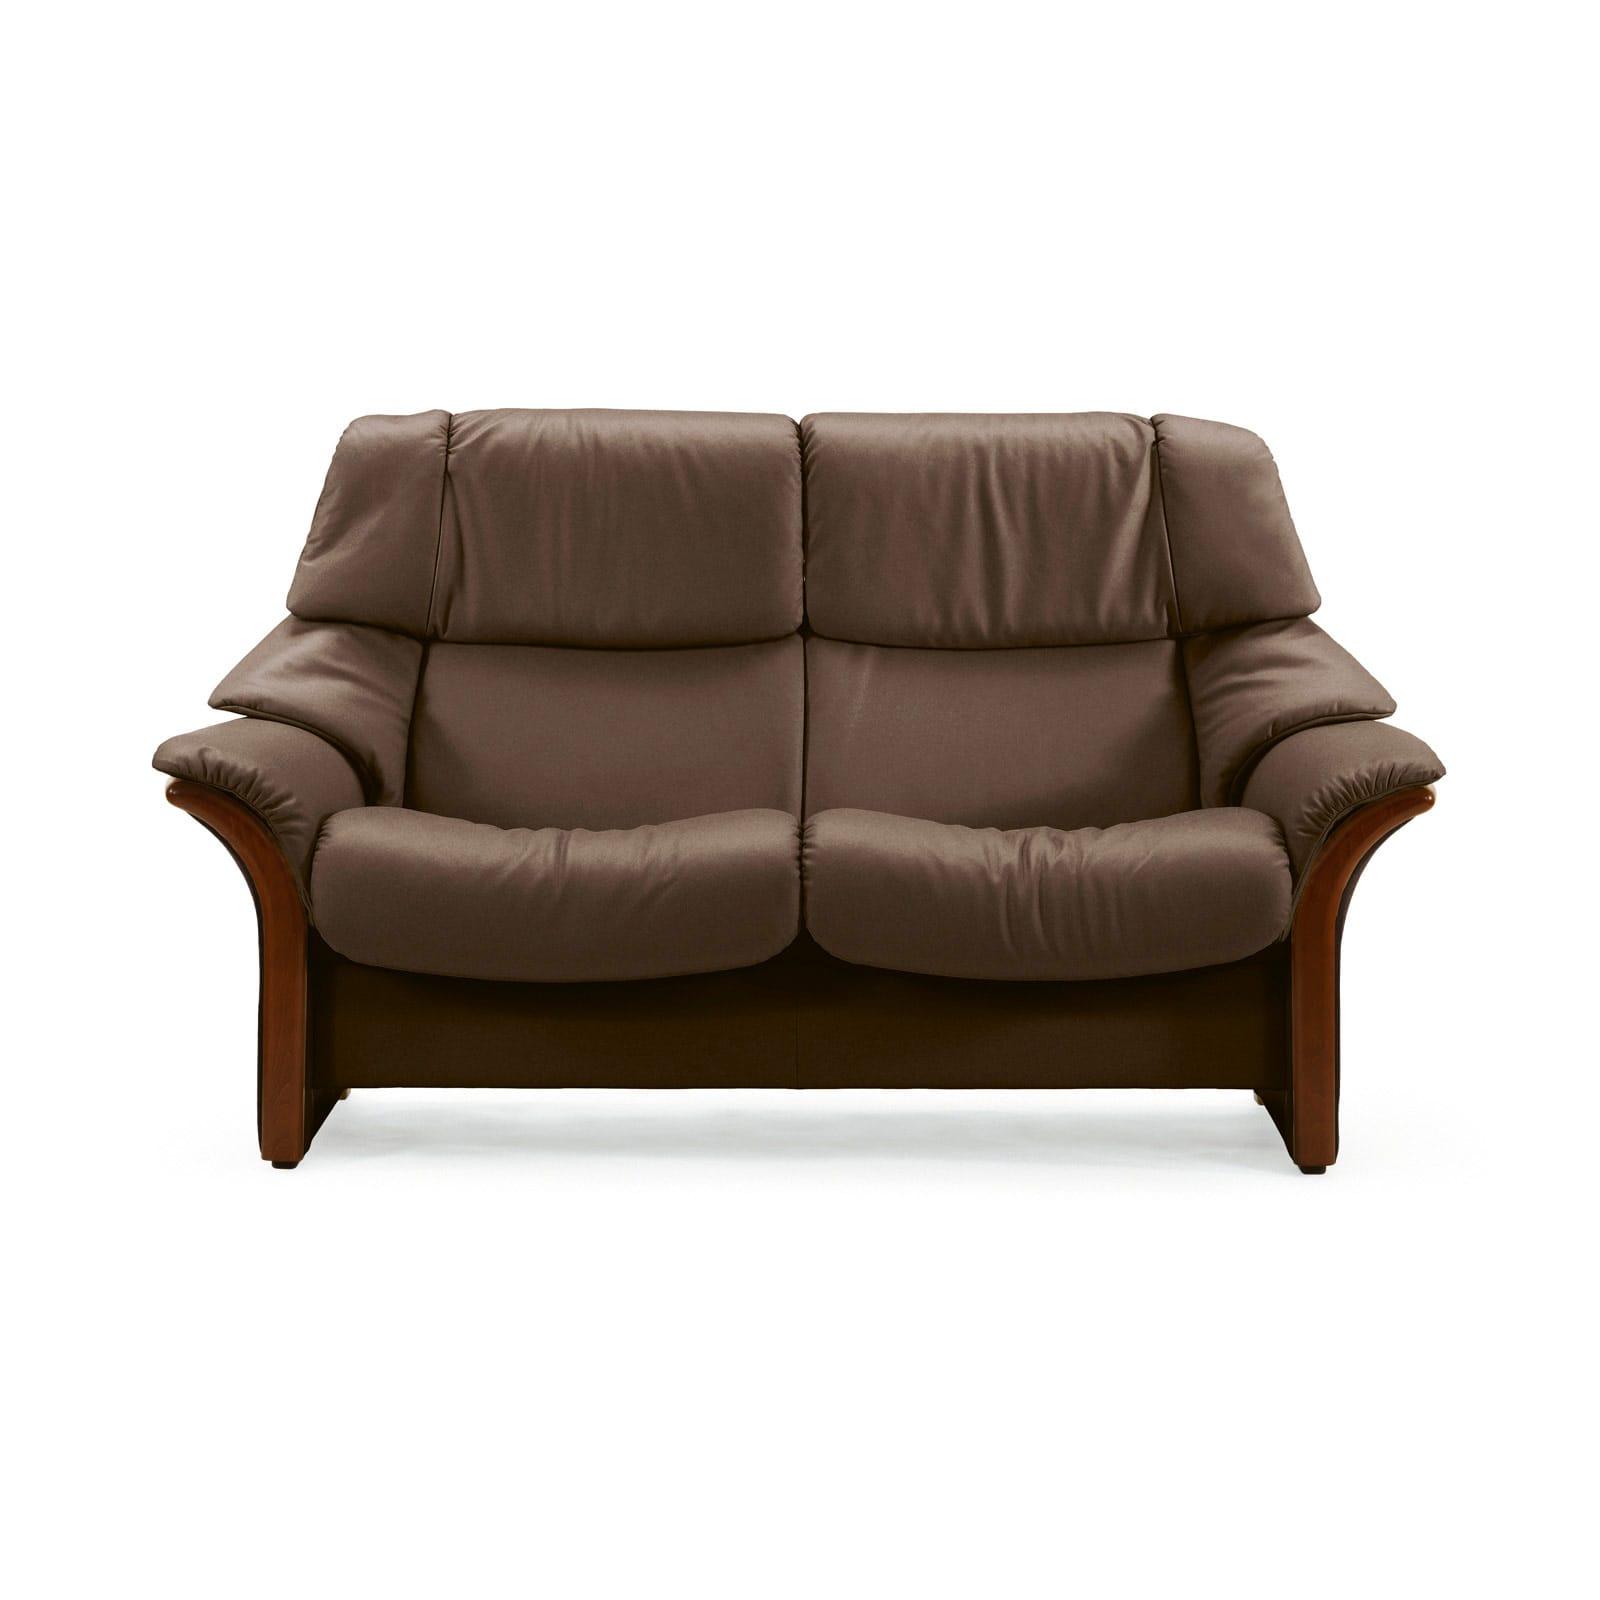 Full Size of Sofa Leder Braun Chesterfield Gebraucht 3 2 1 Set Couch Kaufen Vintage 2 Sitzer   Stressless Sitzer Eldorado M Hoch Chocolate Schlaffunktion Rund Kunstleder Sofa Sofa Leder Braun